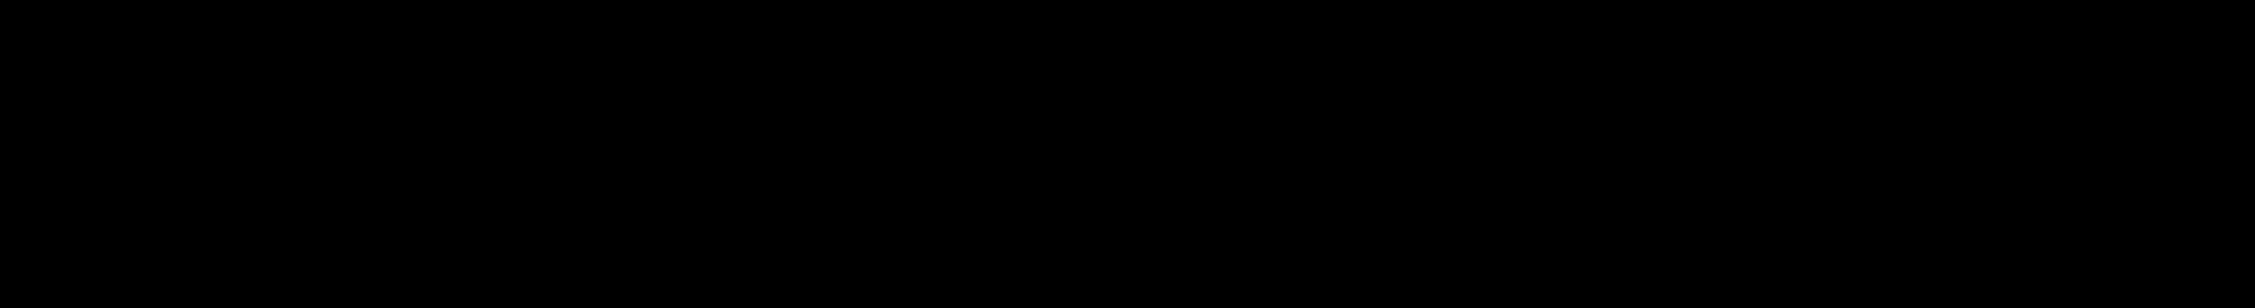 マナチュラ公式ウェブストア「おうちでつくれる純銀イオン水 生成ペレット mana-tura」